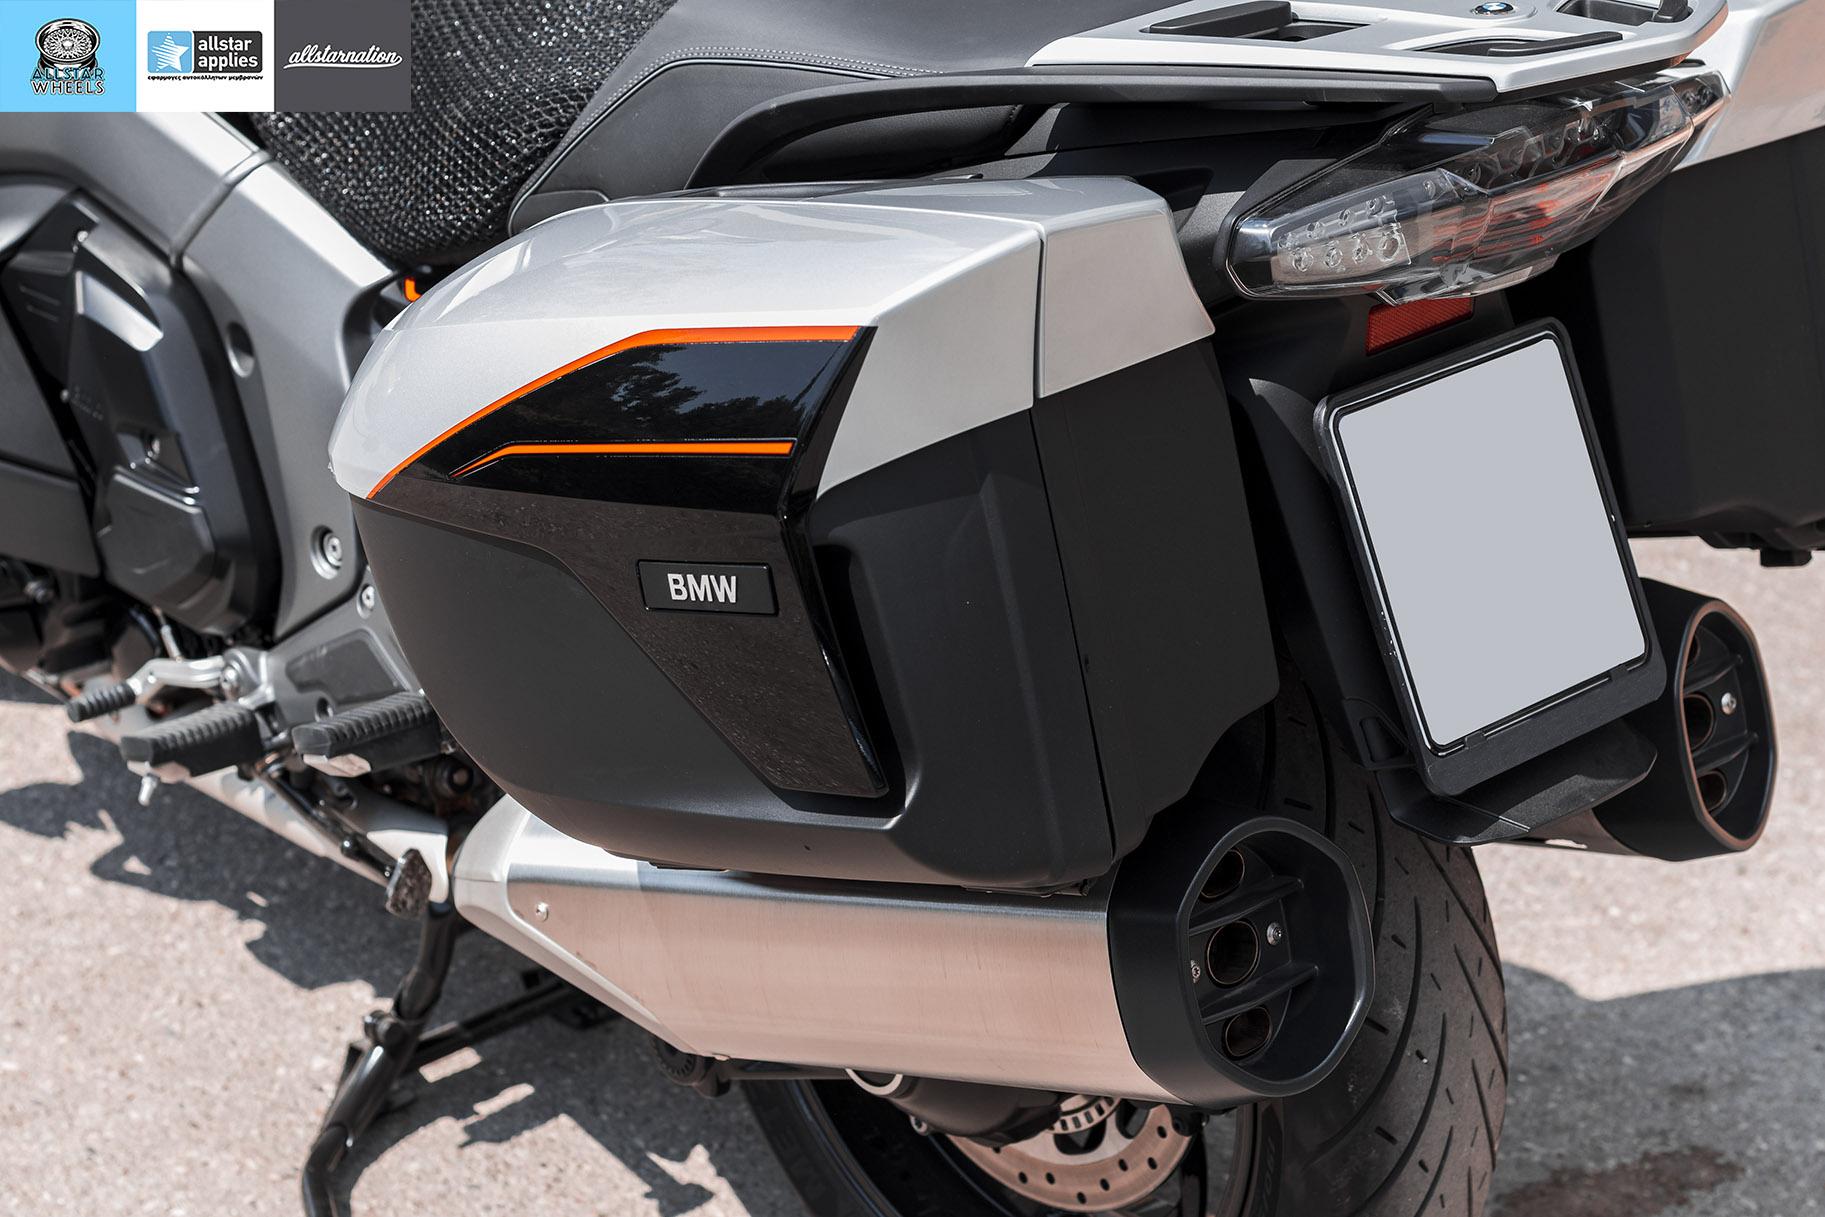 BMW K 1600GT (7)